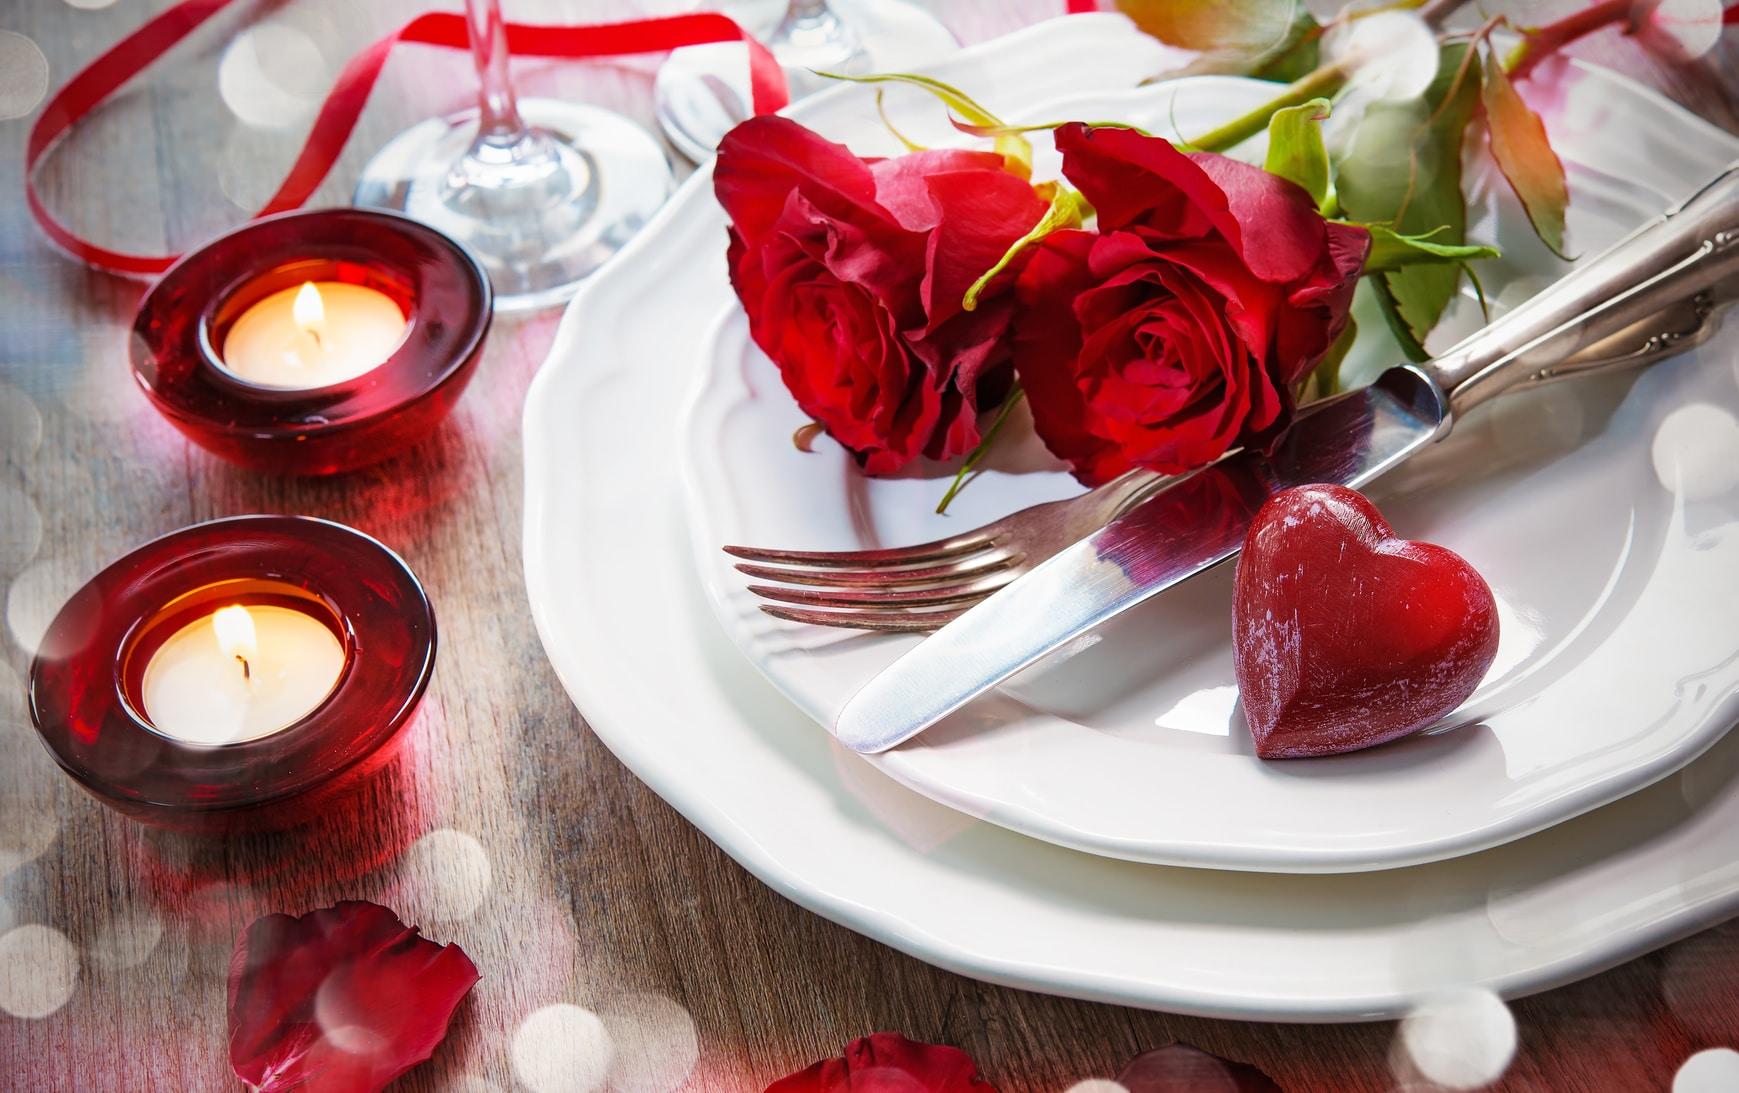 Hochzeitstag frau 10 geschenk Rosenhochzeit (10.